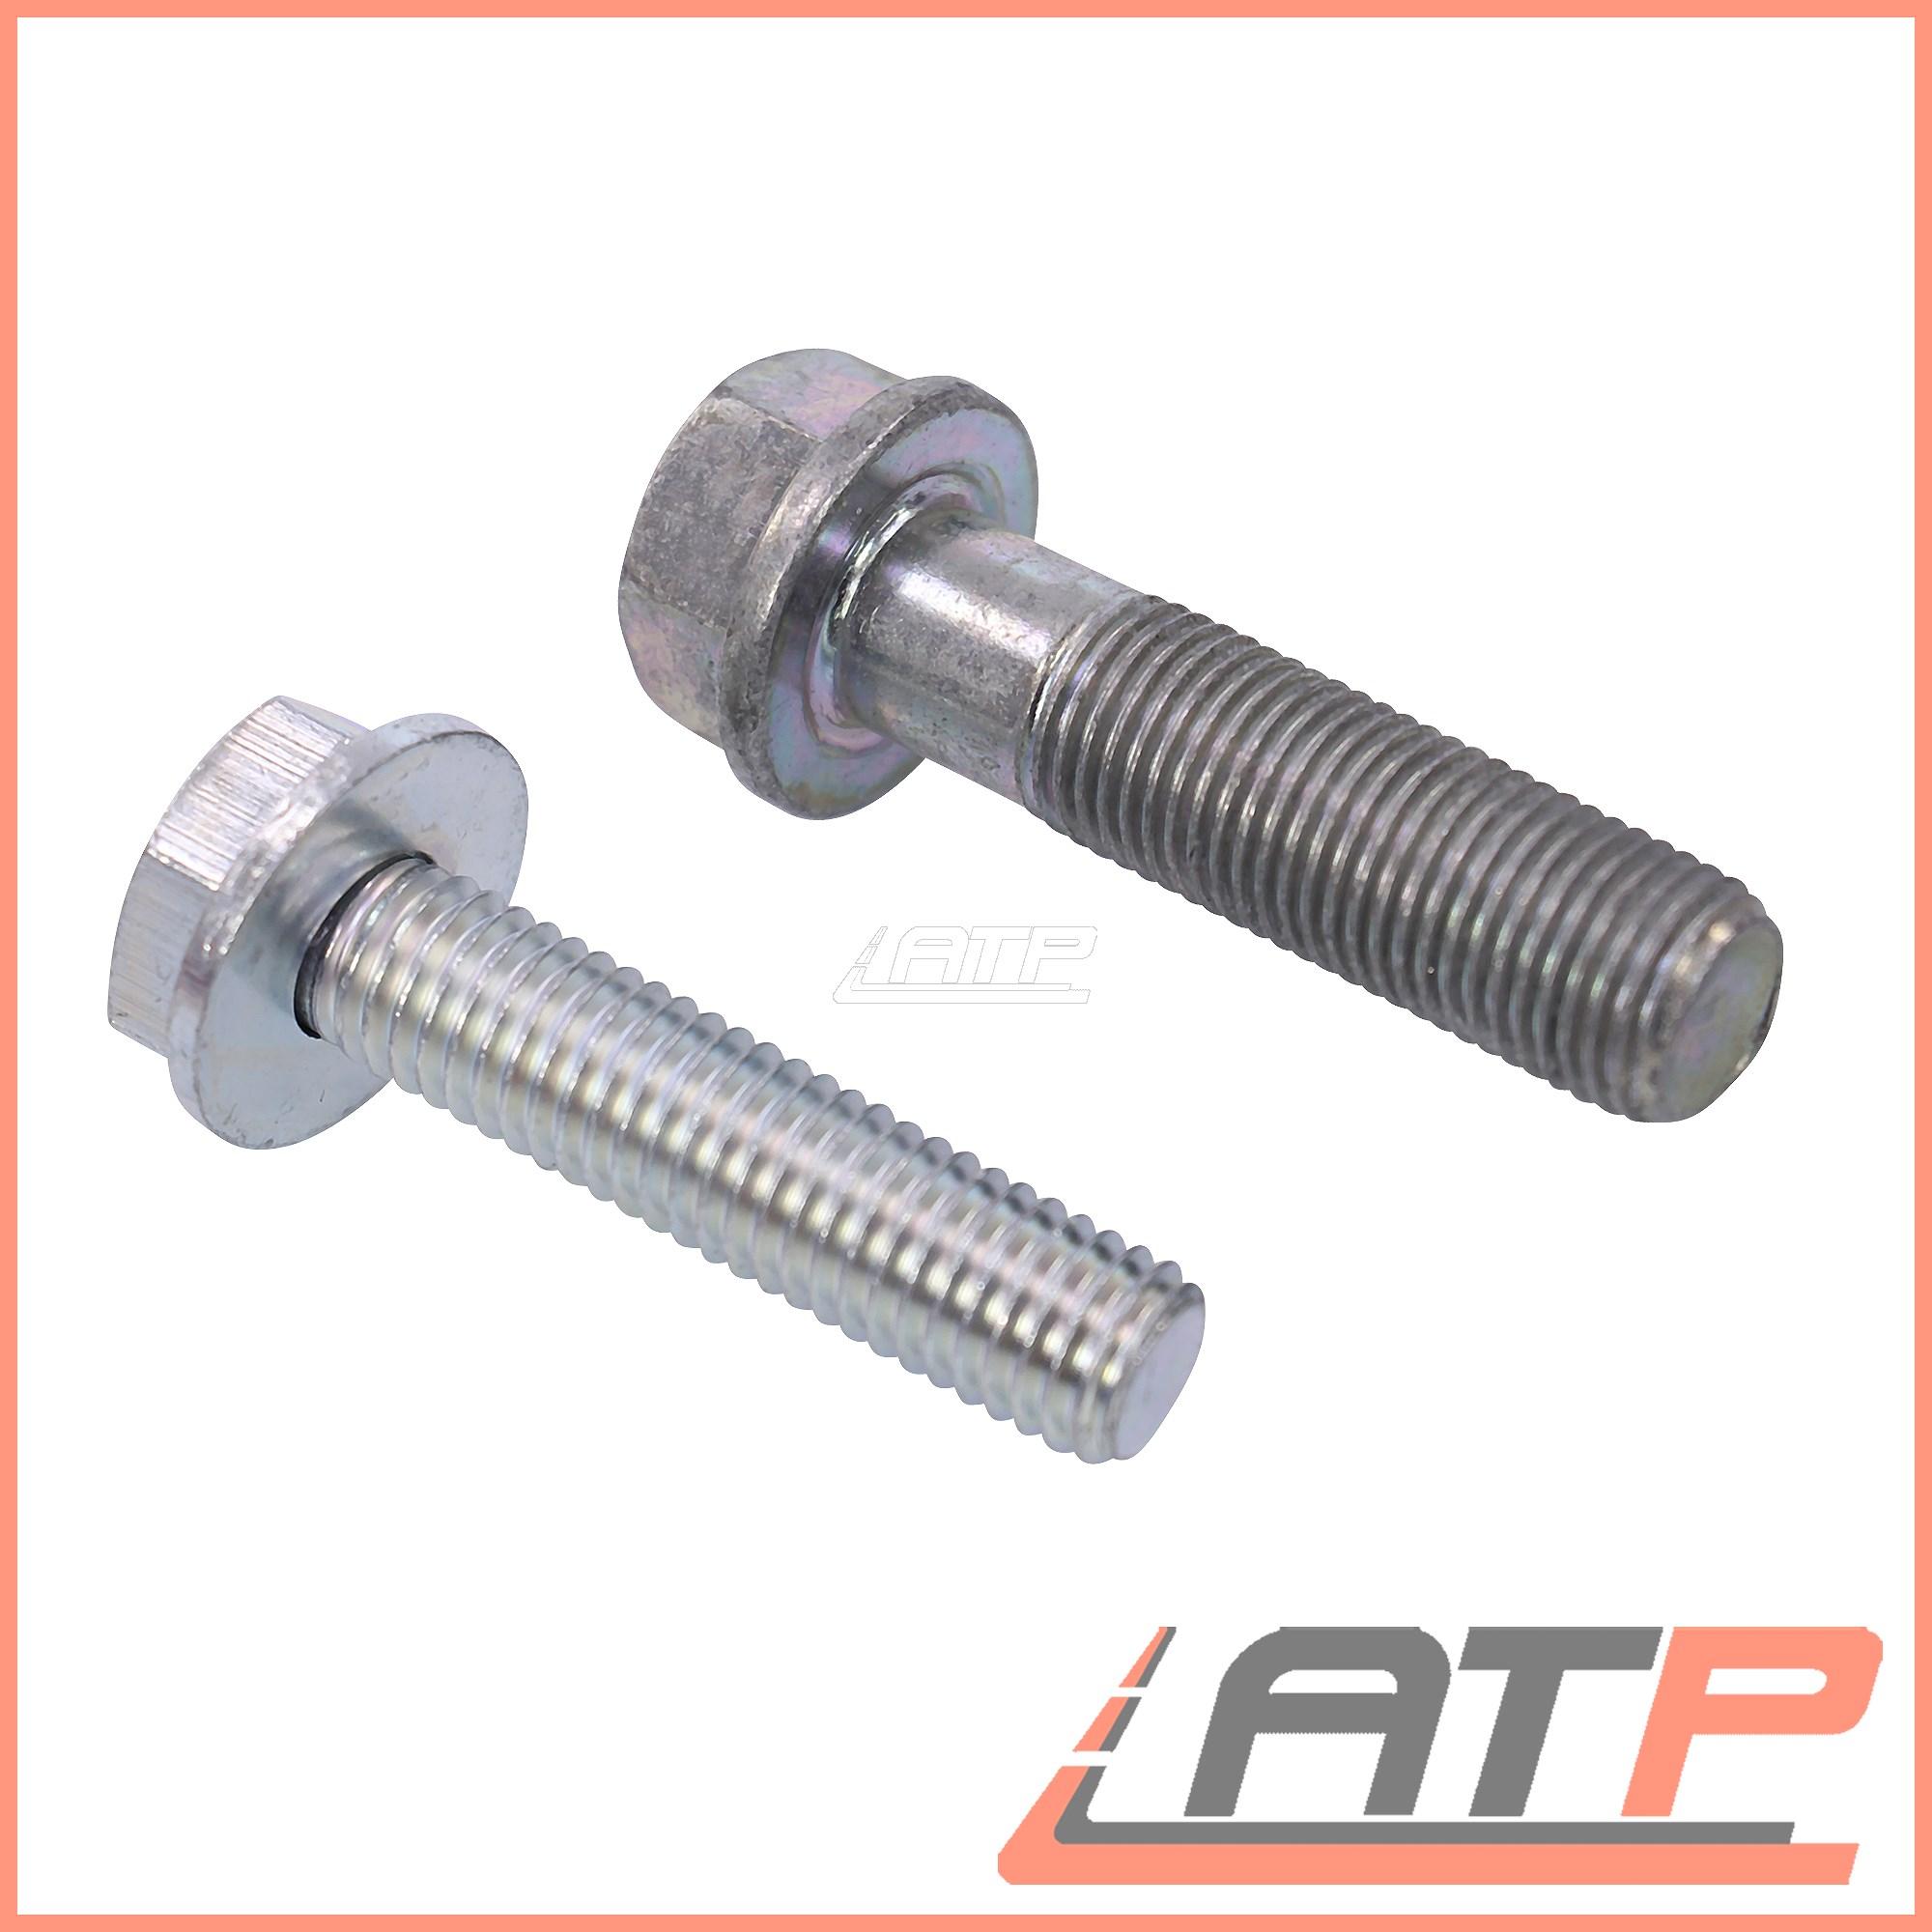 1X-GATES-TIMING-CAM-BELT-KIT-SET-WITH-WATER-PUMP-K045563XS thumbnail 4